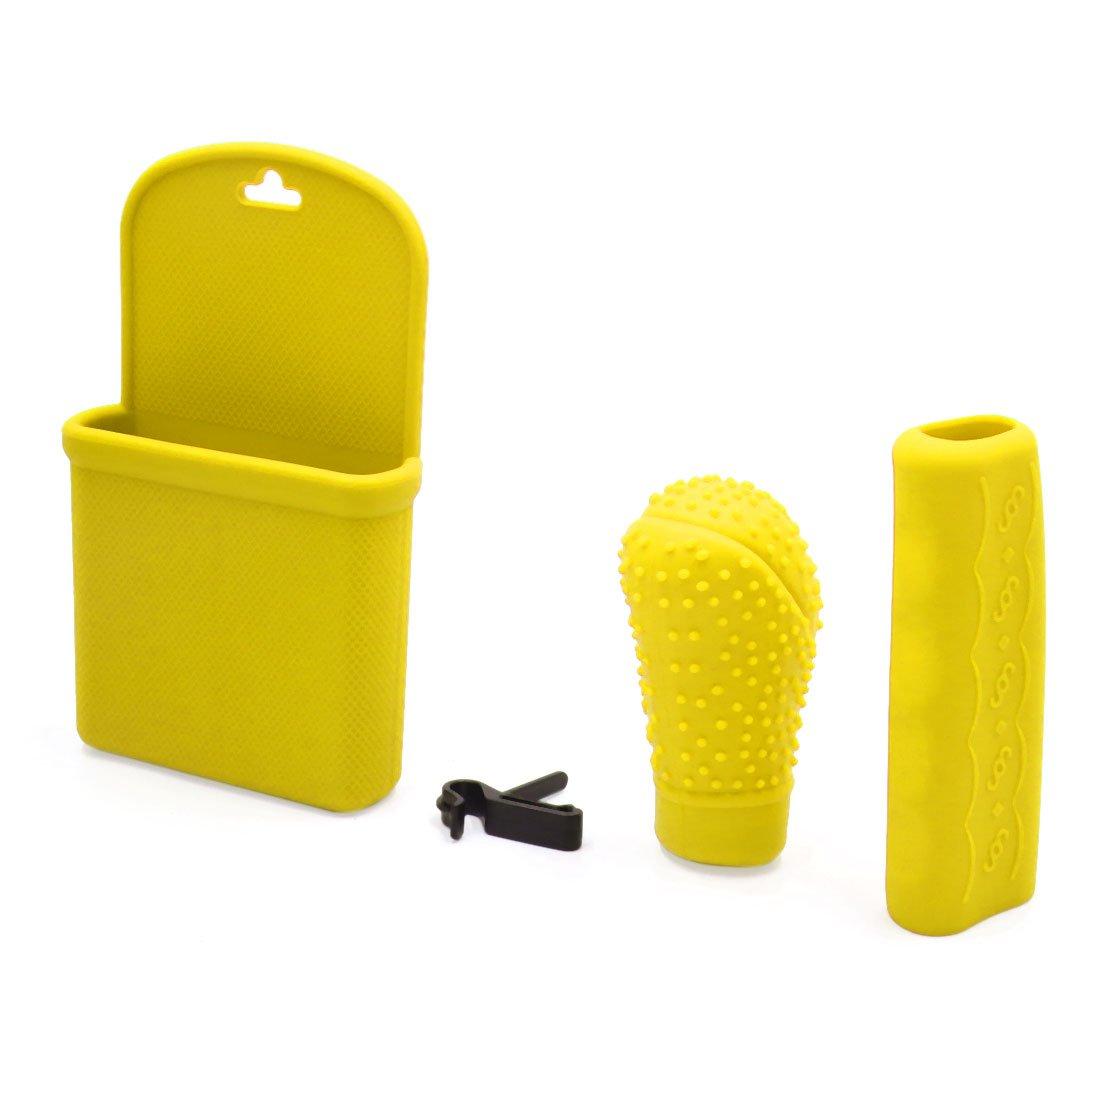 sourcing map 3 in 1 Gelbes Silikon Schaltknauf Handbremse Abdeckung Aufbewahrungsbox fü r Auto DE